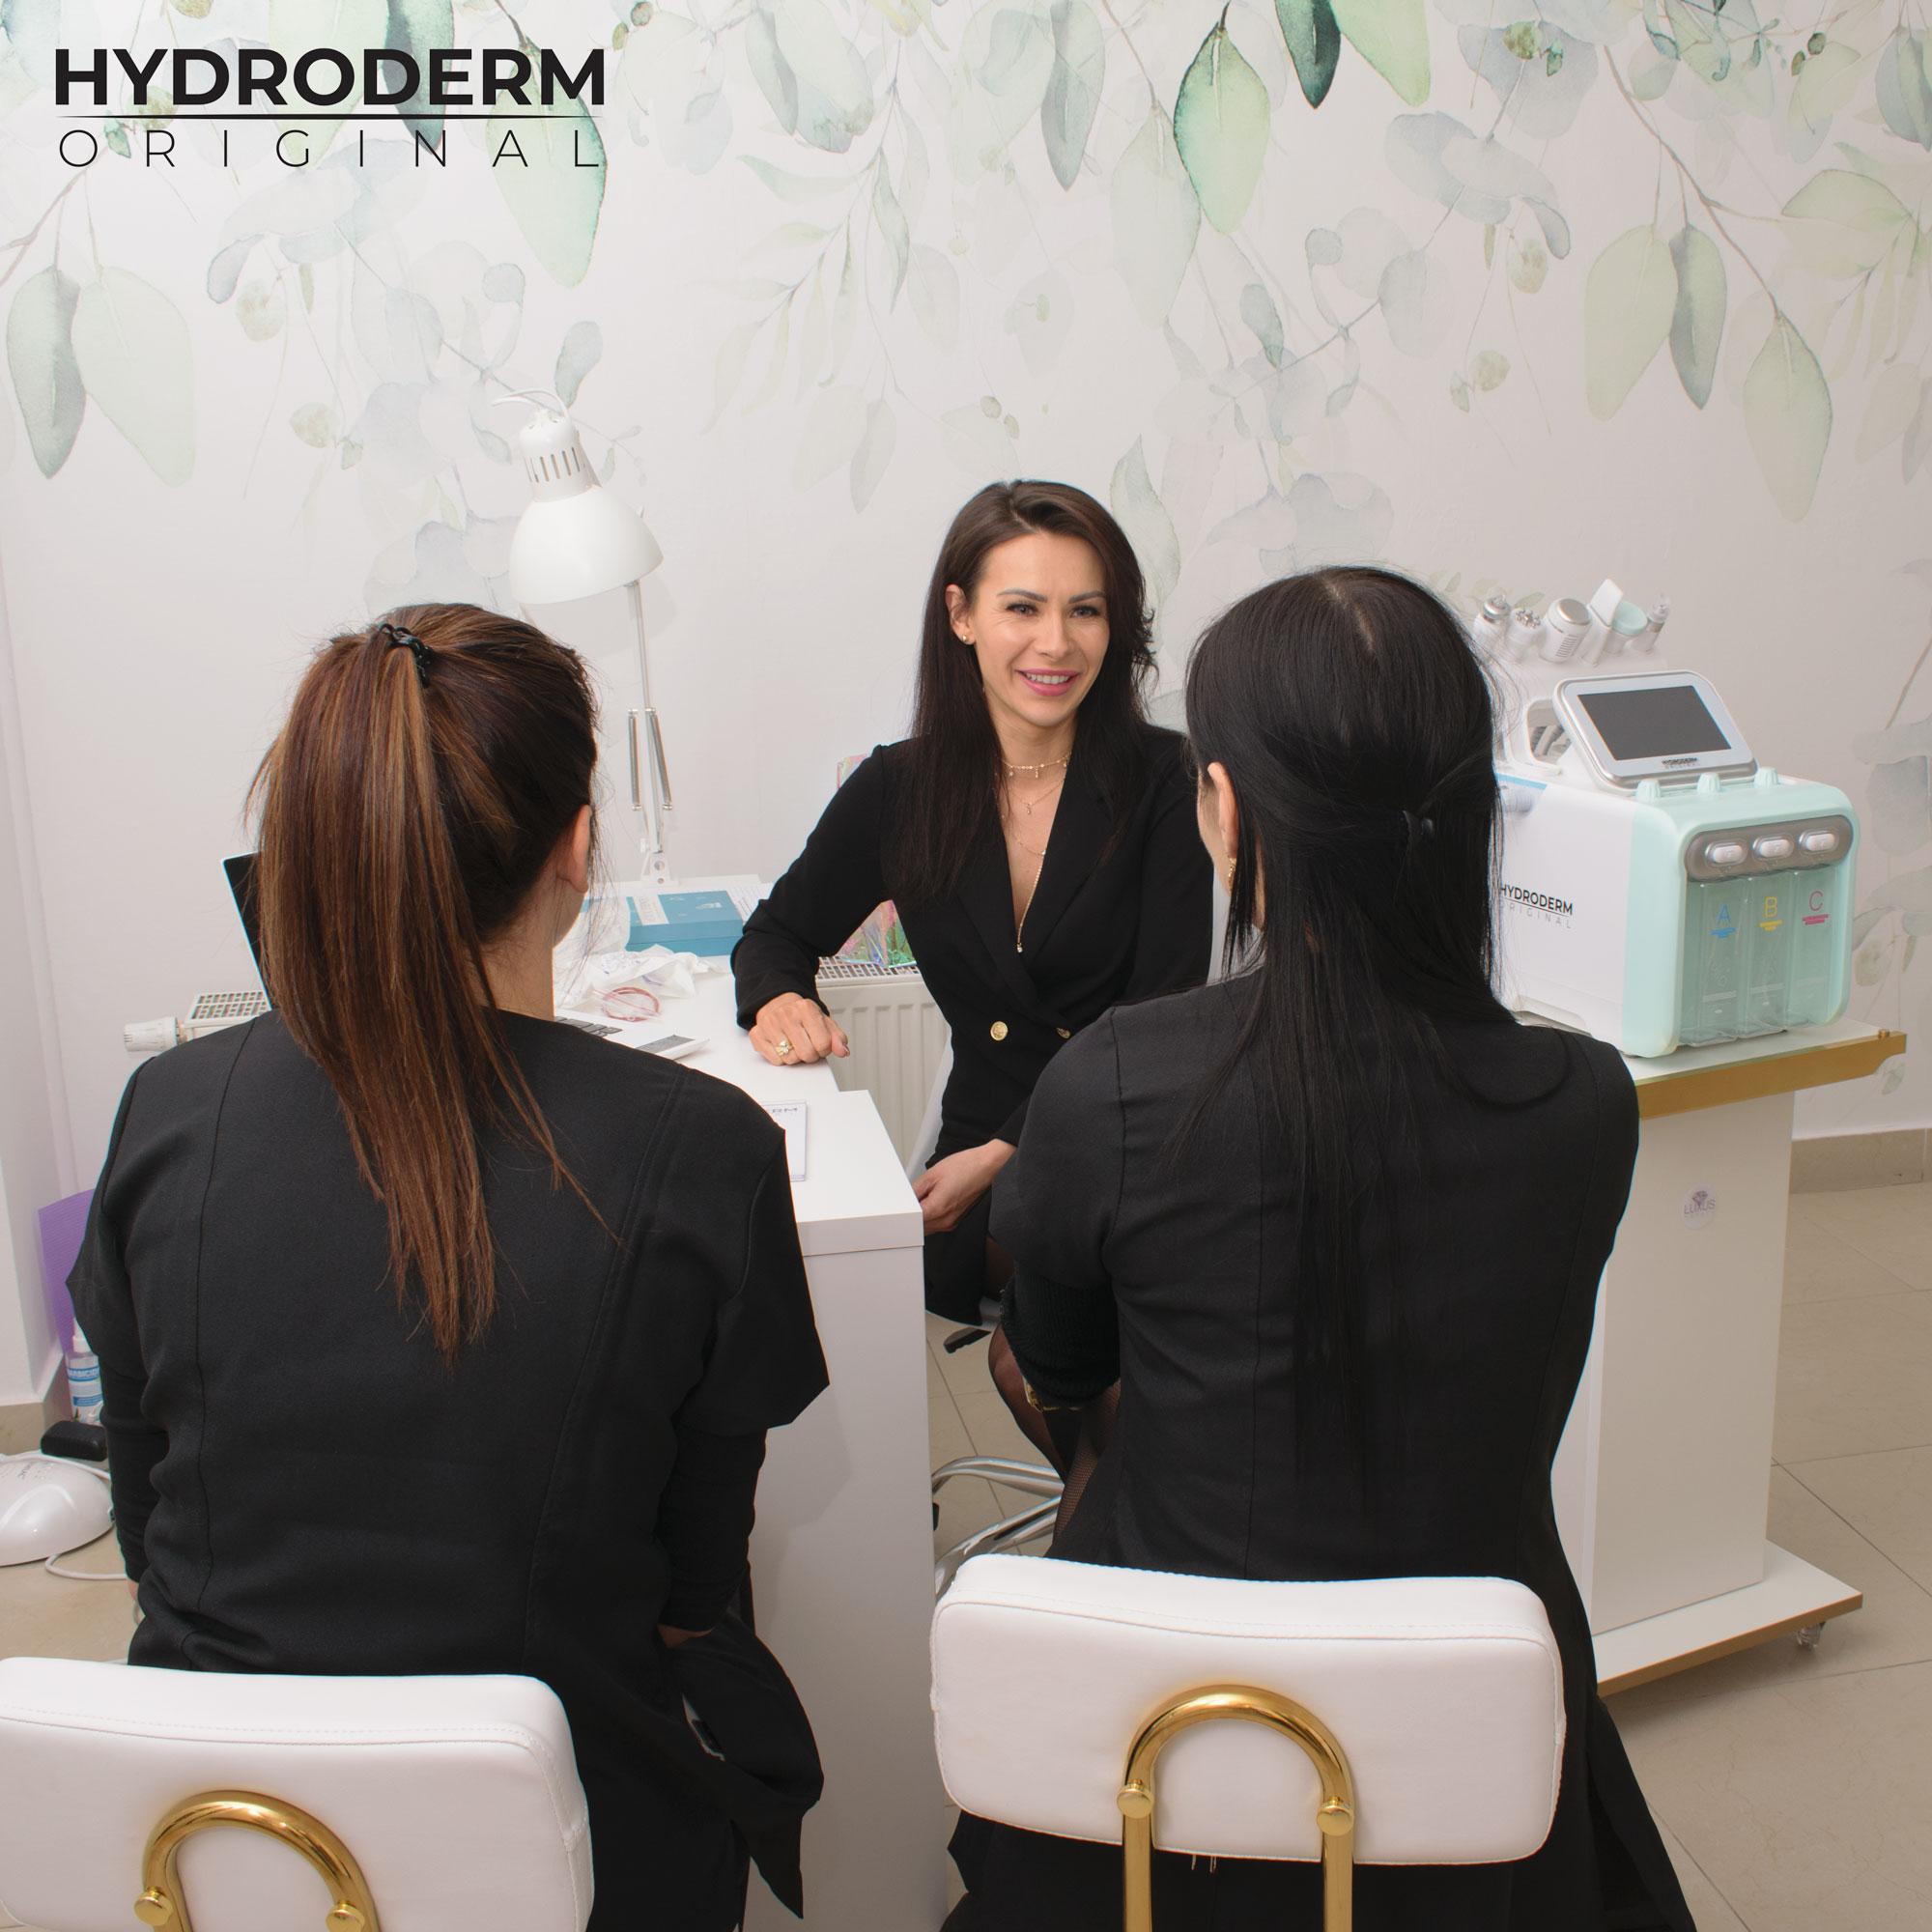 Należy wiedzieć, że oczyszczanie wodorowe dzieli się na kilka etapów, dzięki którym uzyskuje się efekt idealnie oczyszczonej skóry